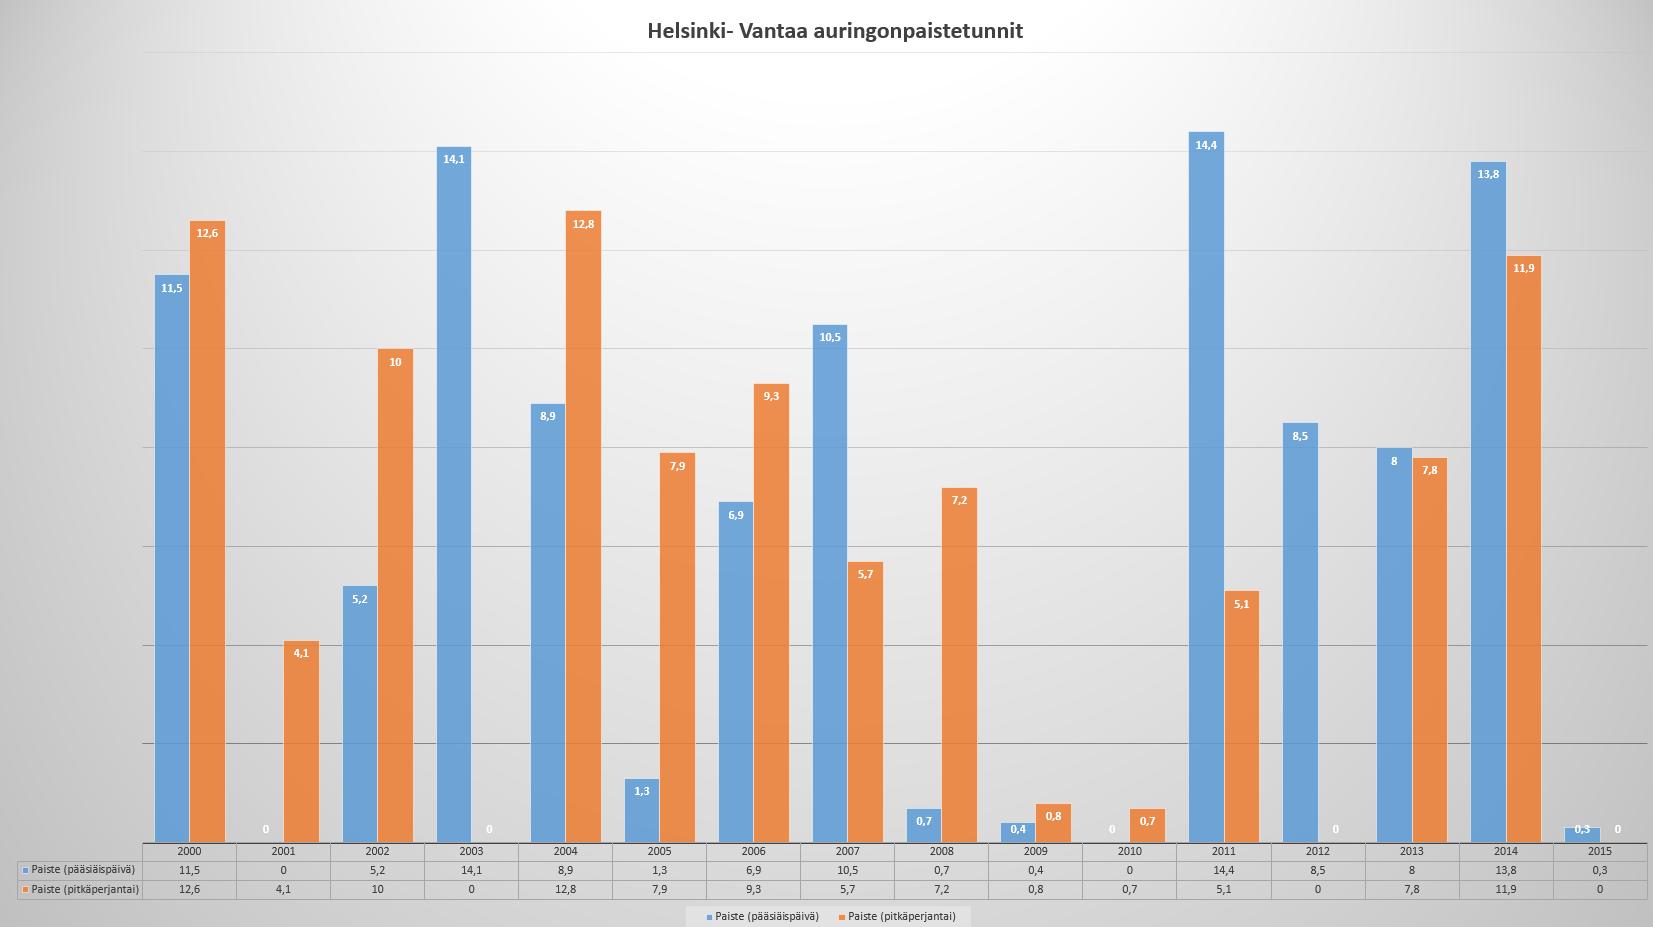 Kuva 2. Auringonpaistetunnit (h) Hki-Vantaa